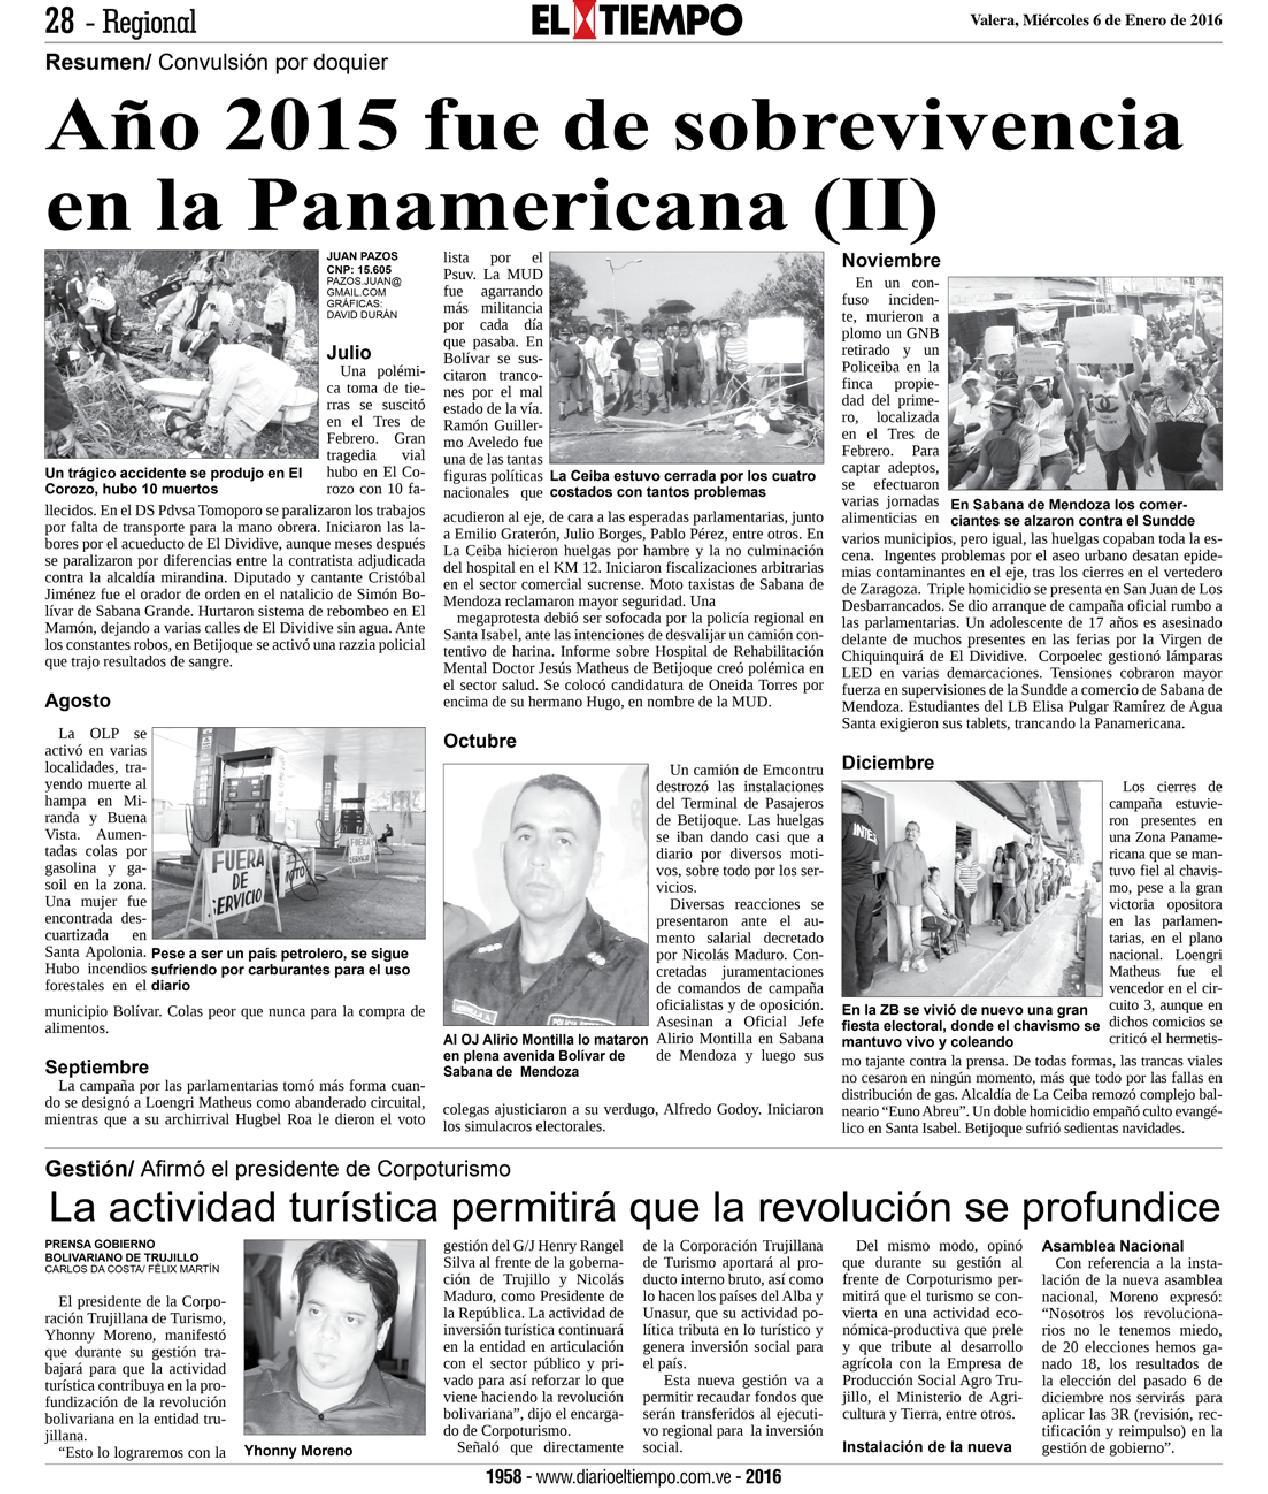 diario tiempo cuenca ecuador: